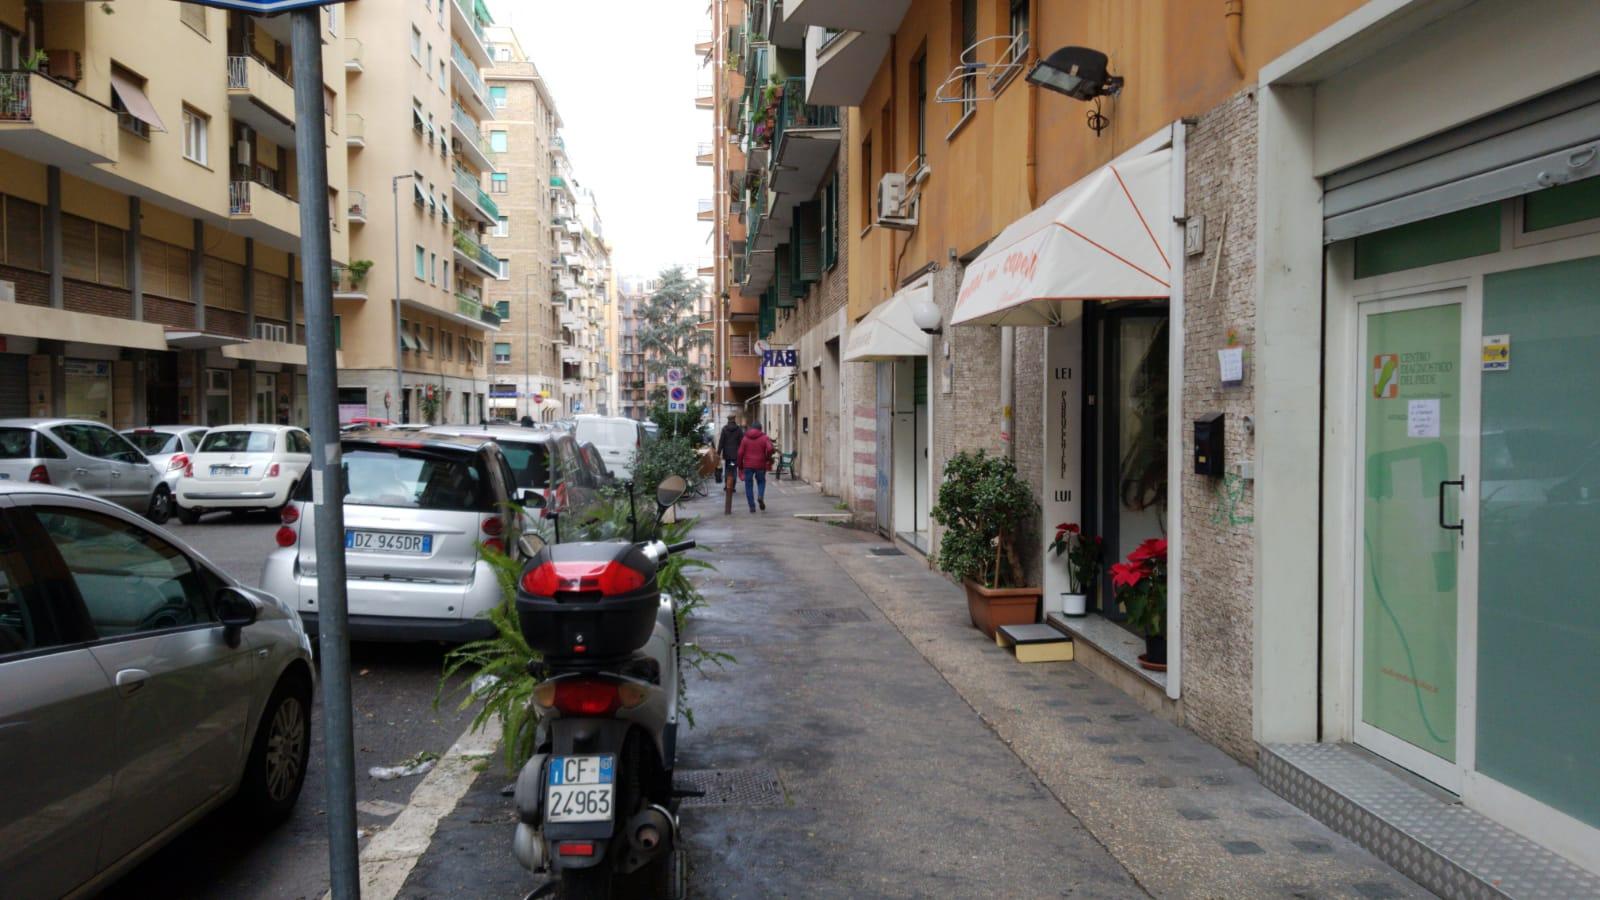 Locale negozio in affitto a roma cod v81 3854 for Affitto roma locale